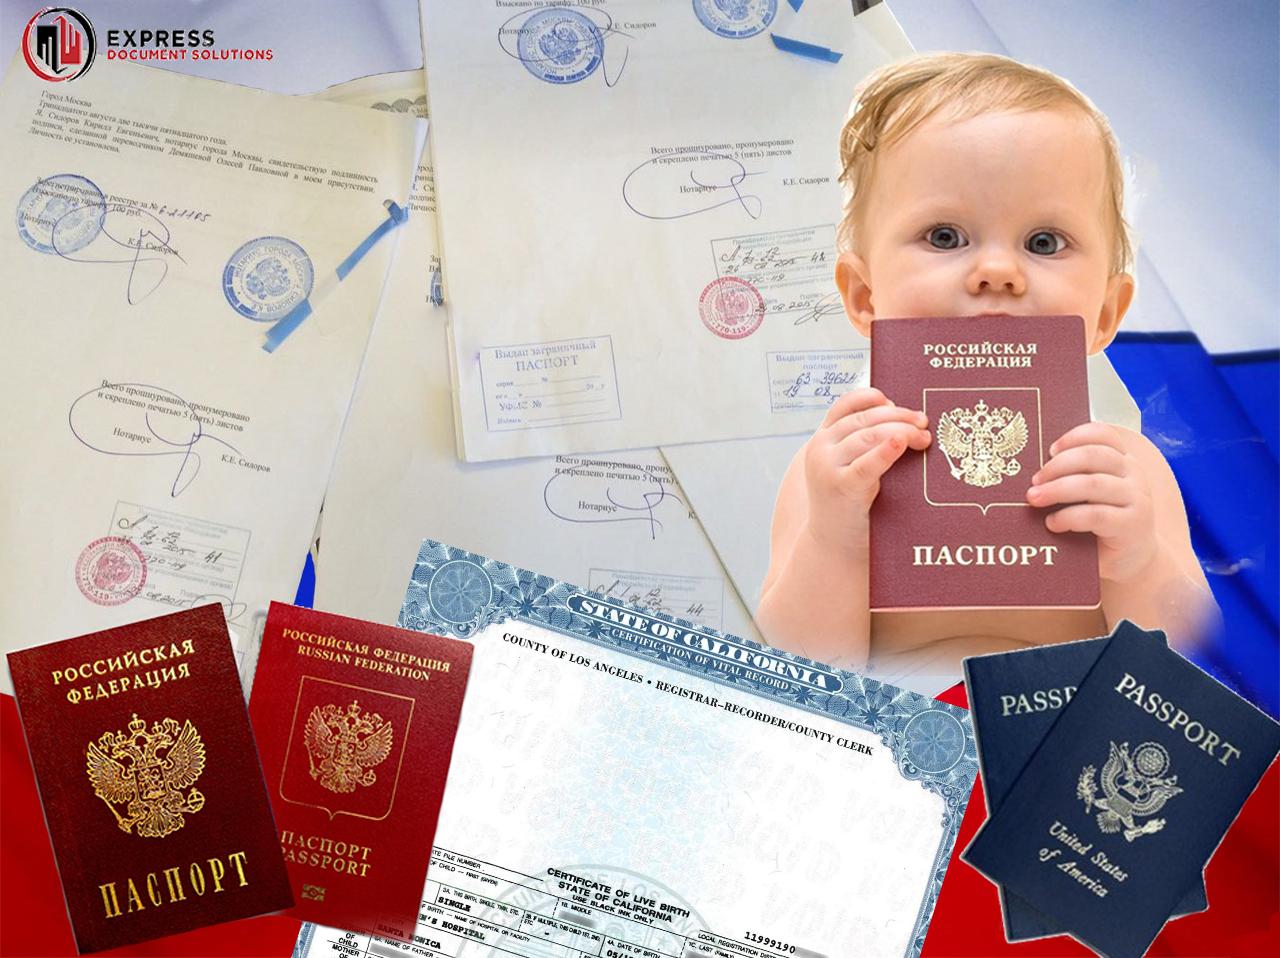 документы на 2 гражданство горячие